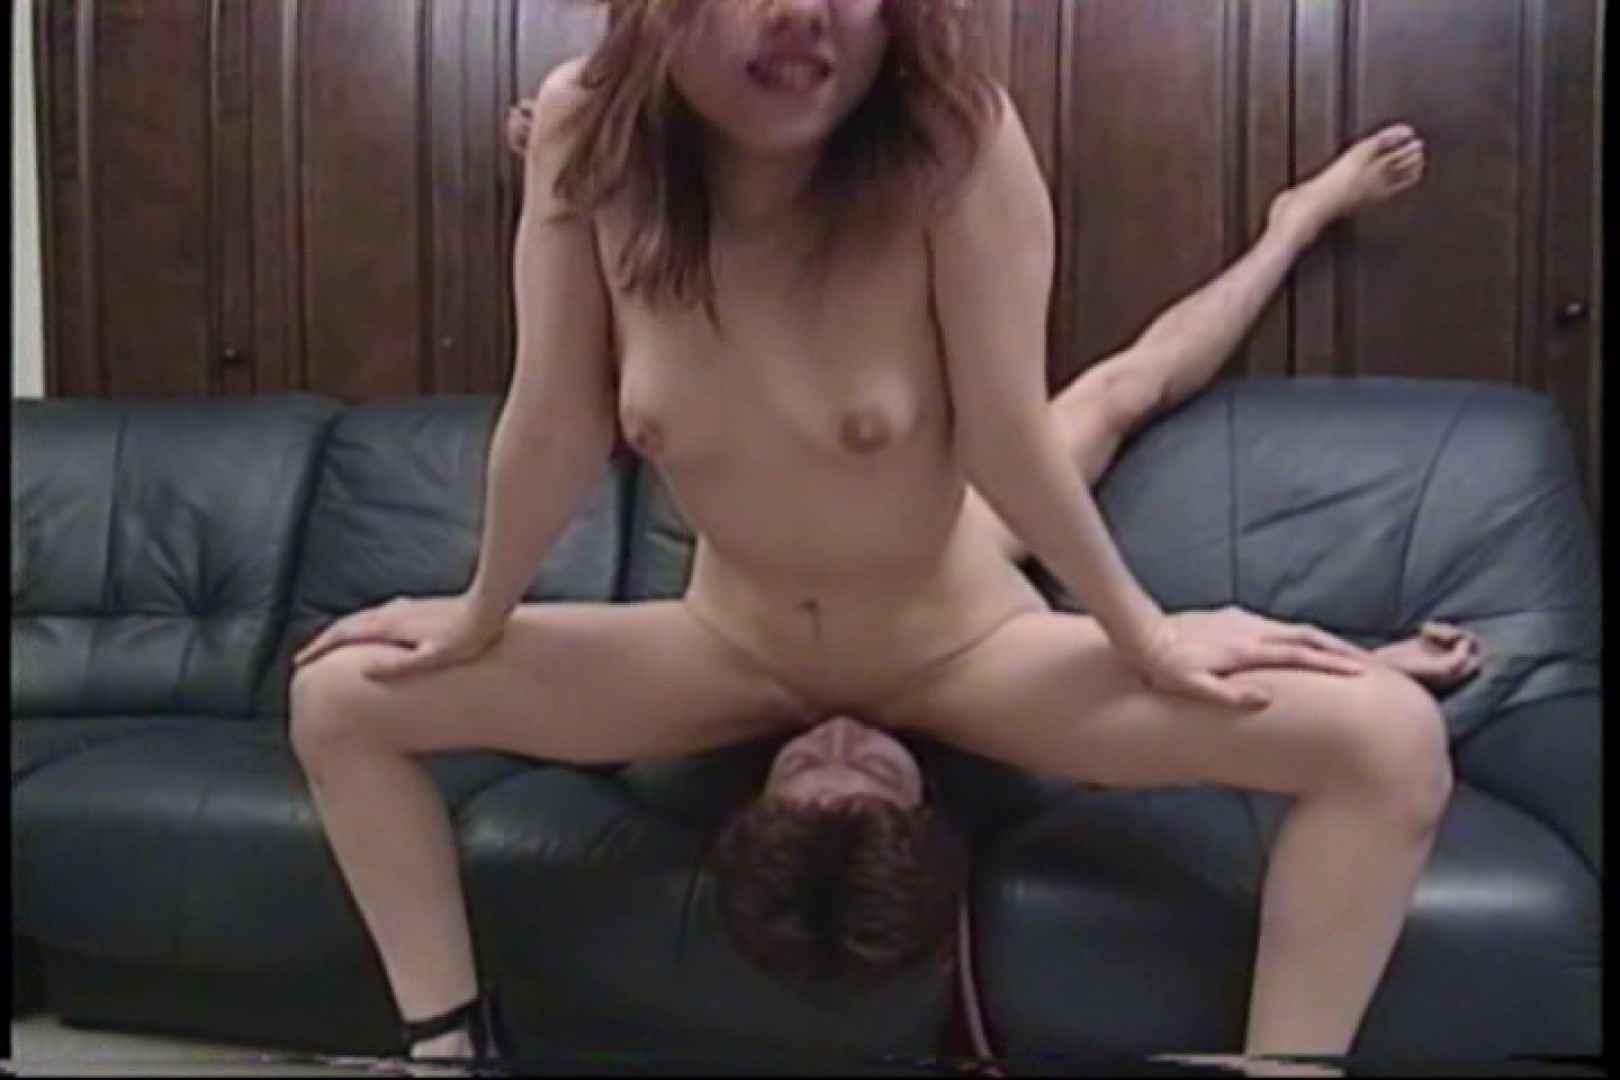 元気な女王様はお好きですか?~麻生紀香~ バイブ すけべAV動画紹介 68PIX 2